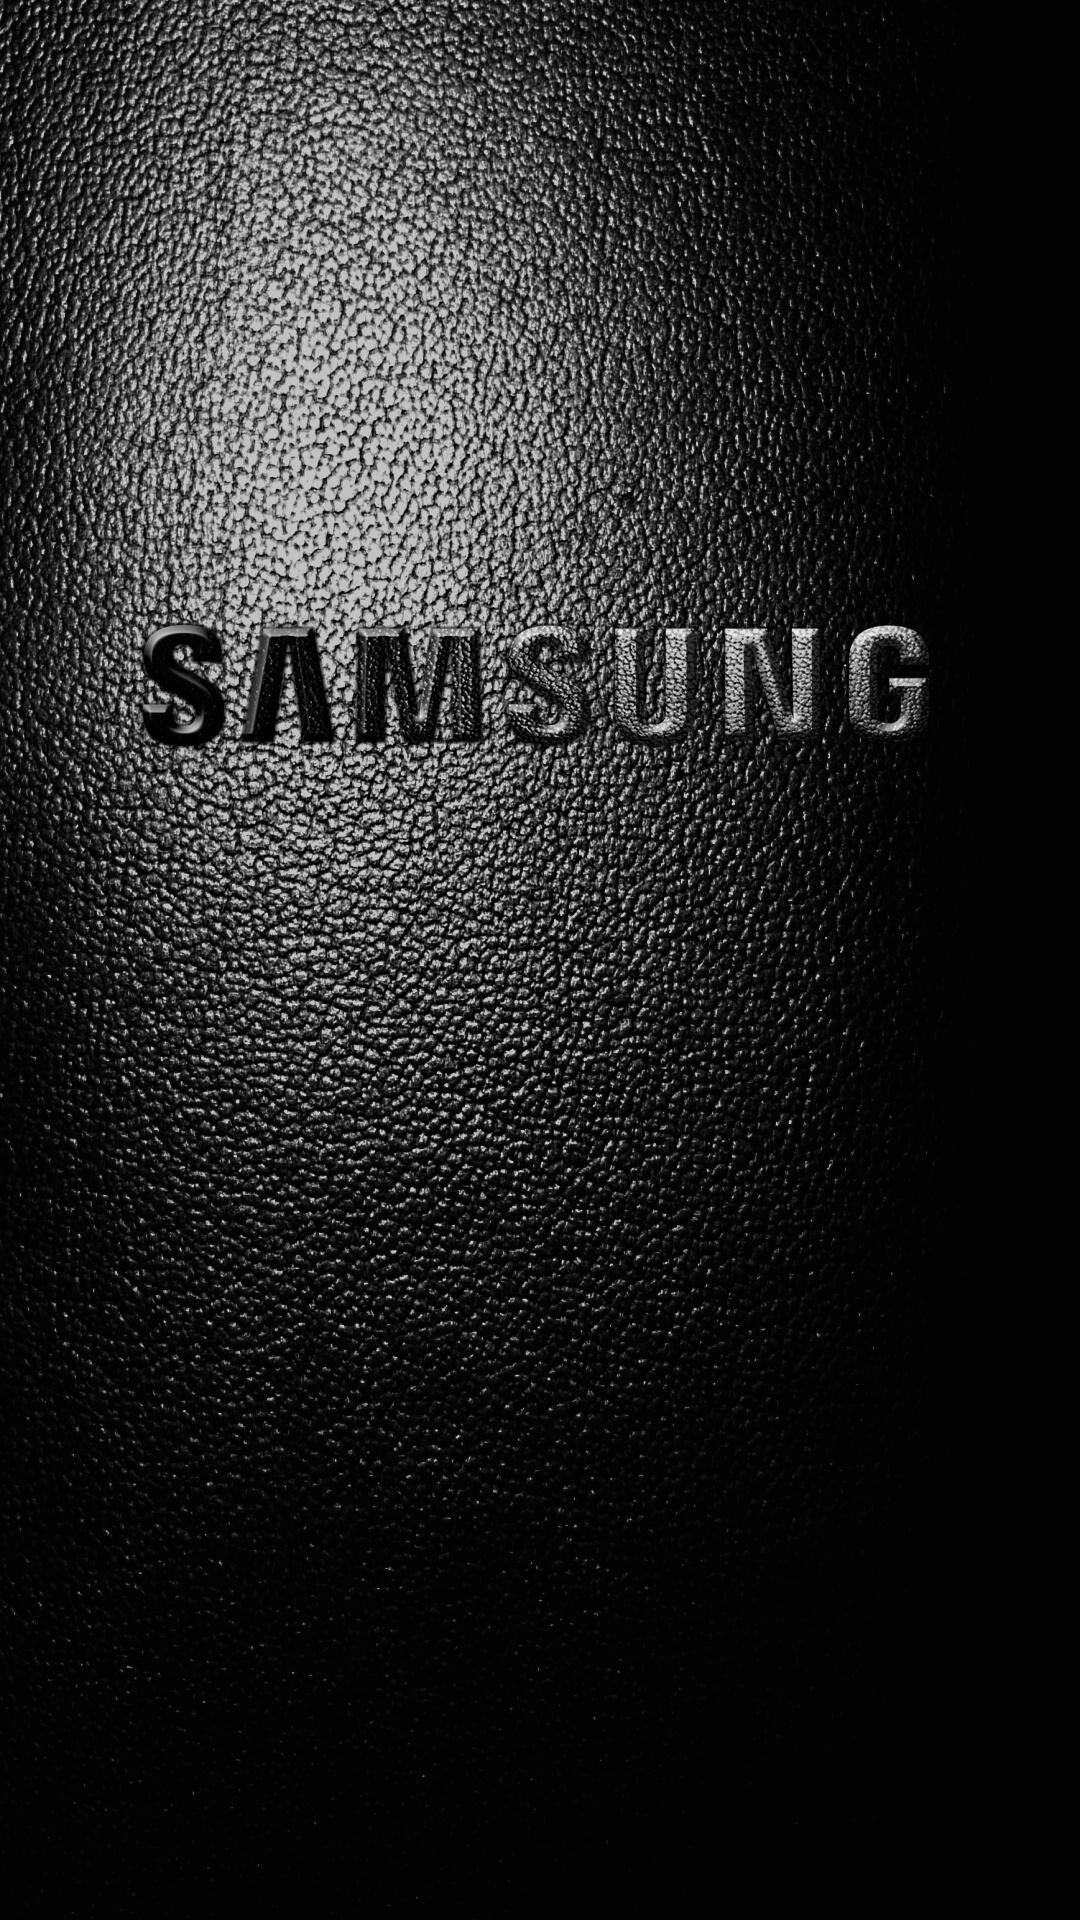 Best Of Samsung Wallpaper Hd Black Dengan Gambar Telepon